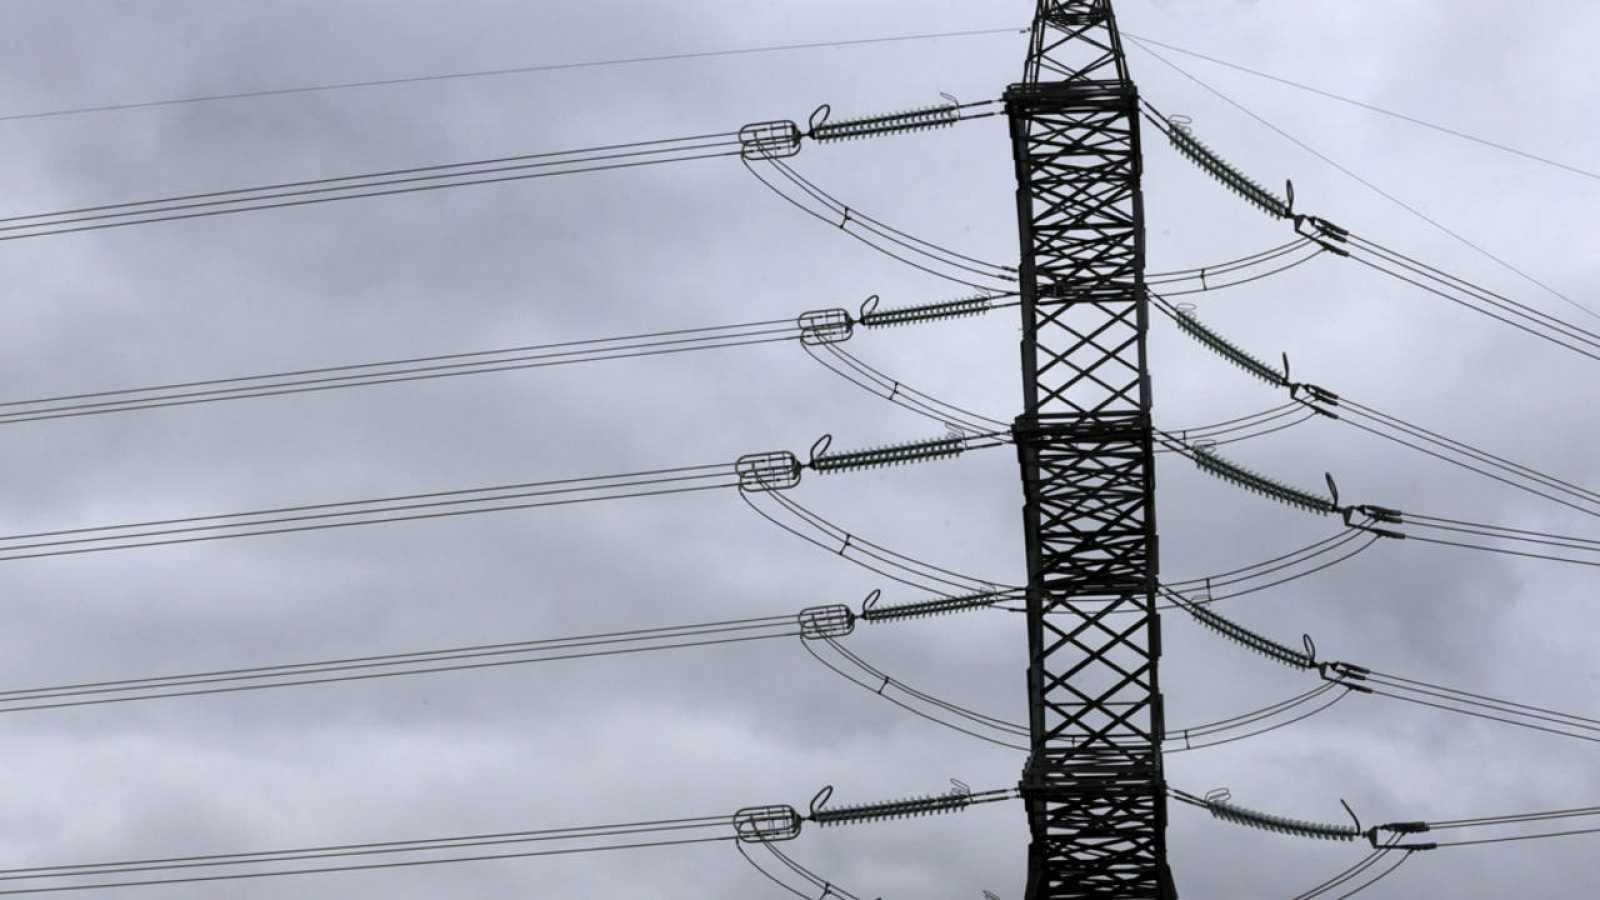 Una torre de distribución de electricidad